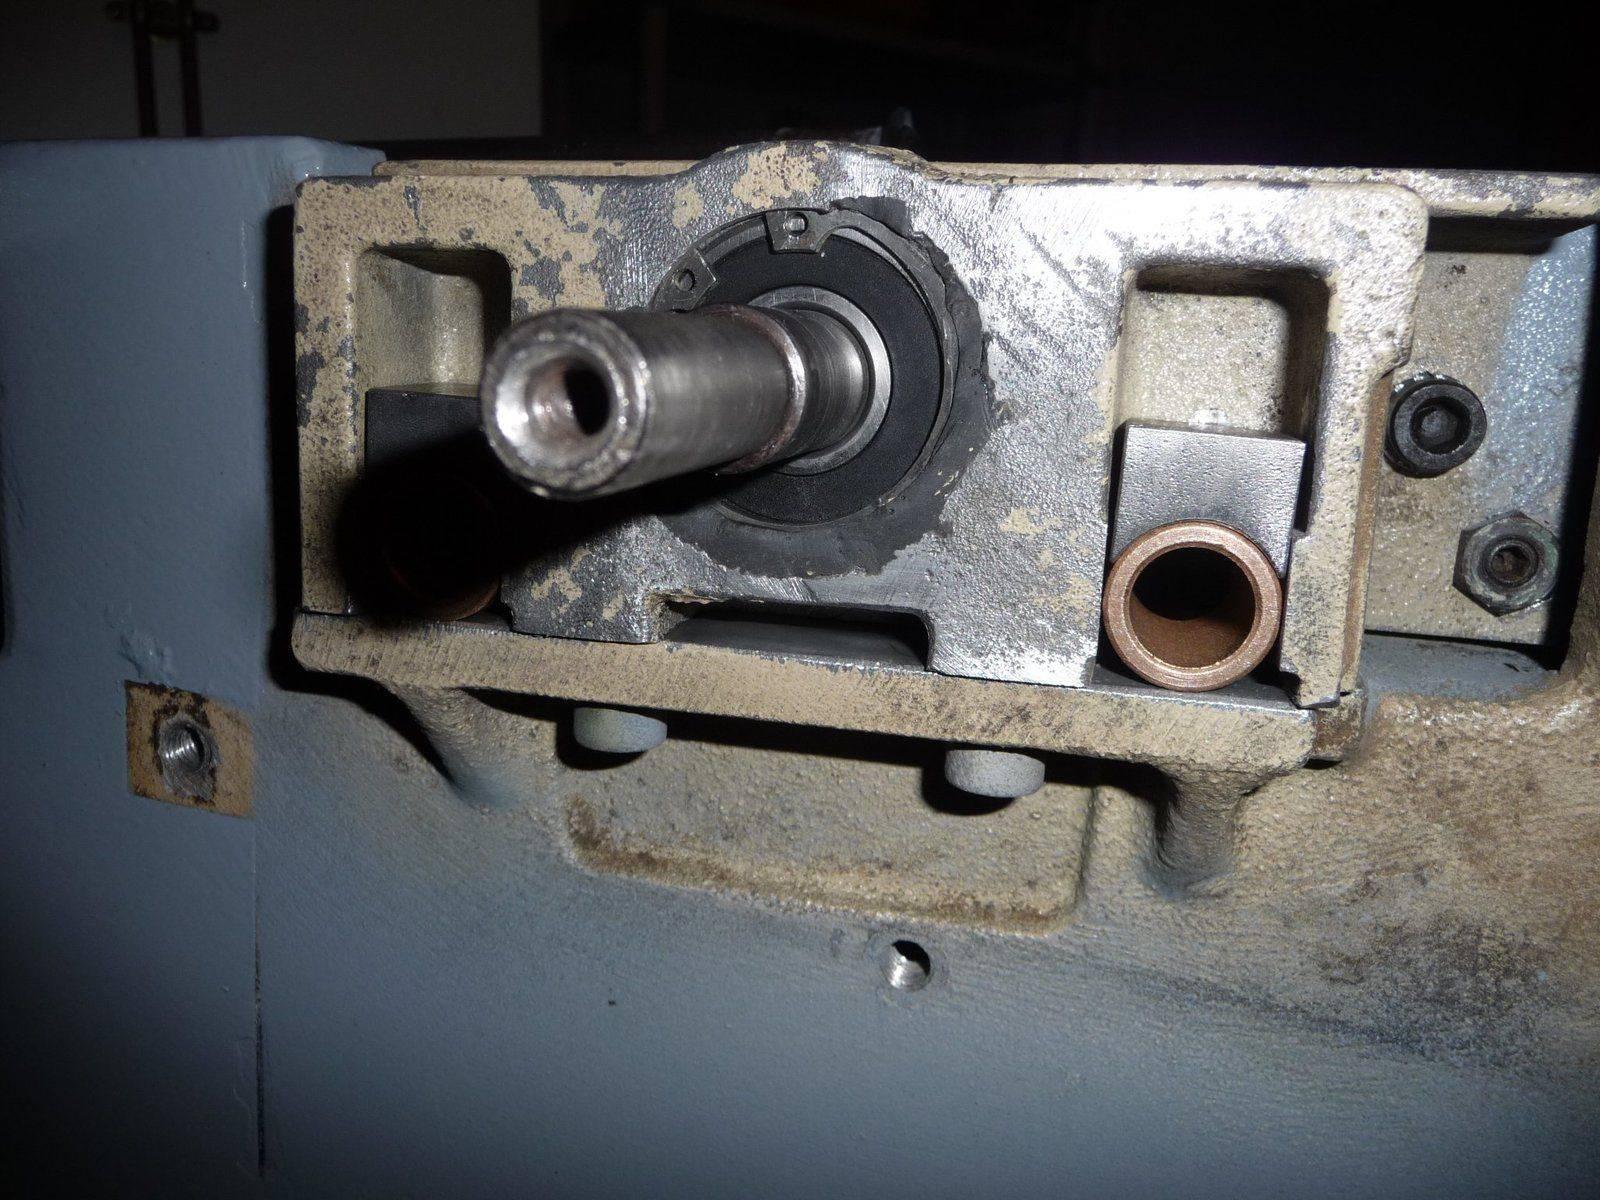 6 changement de toutes les bagues bronze et fabrication d'étrier pour bloquer celle-ci.JPG